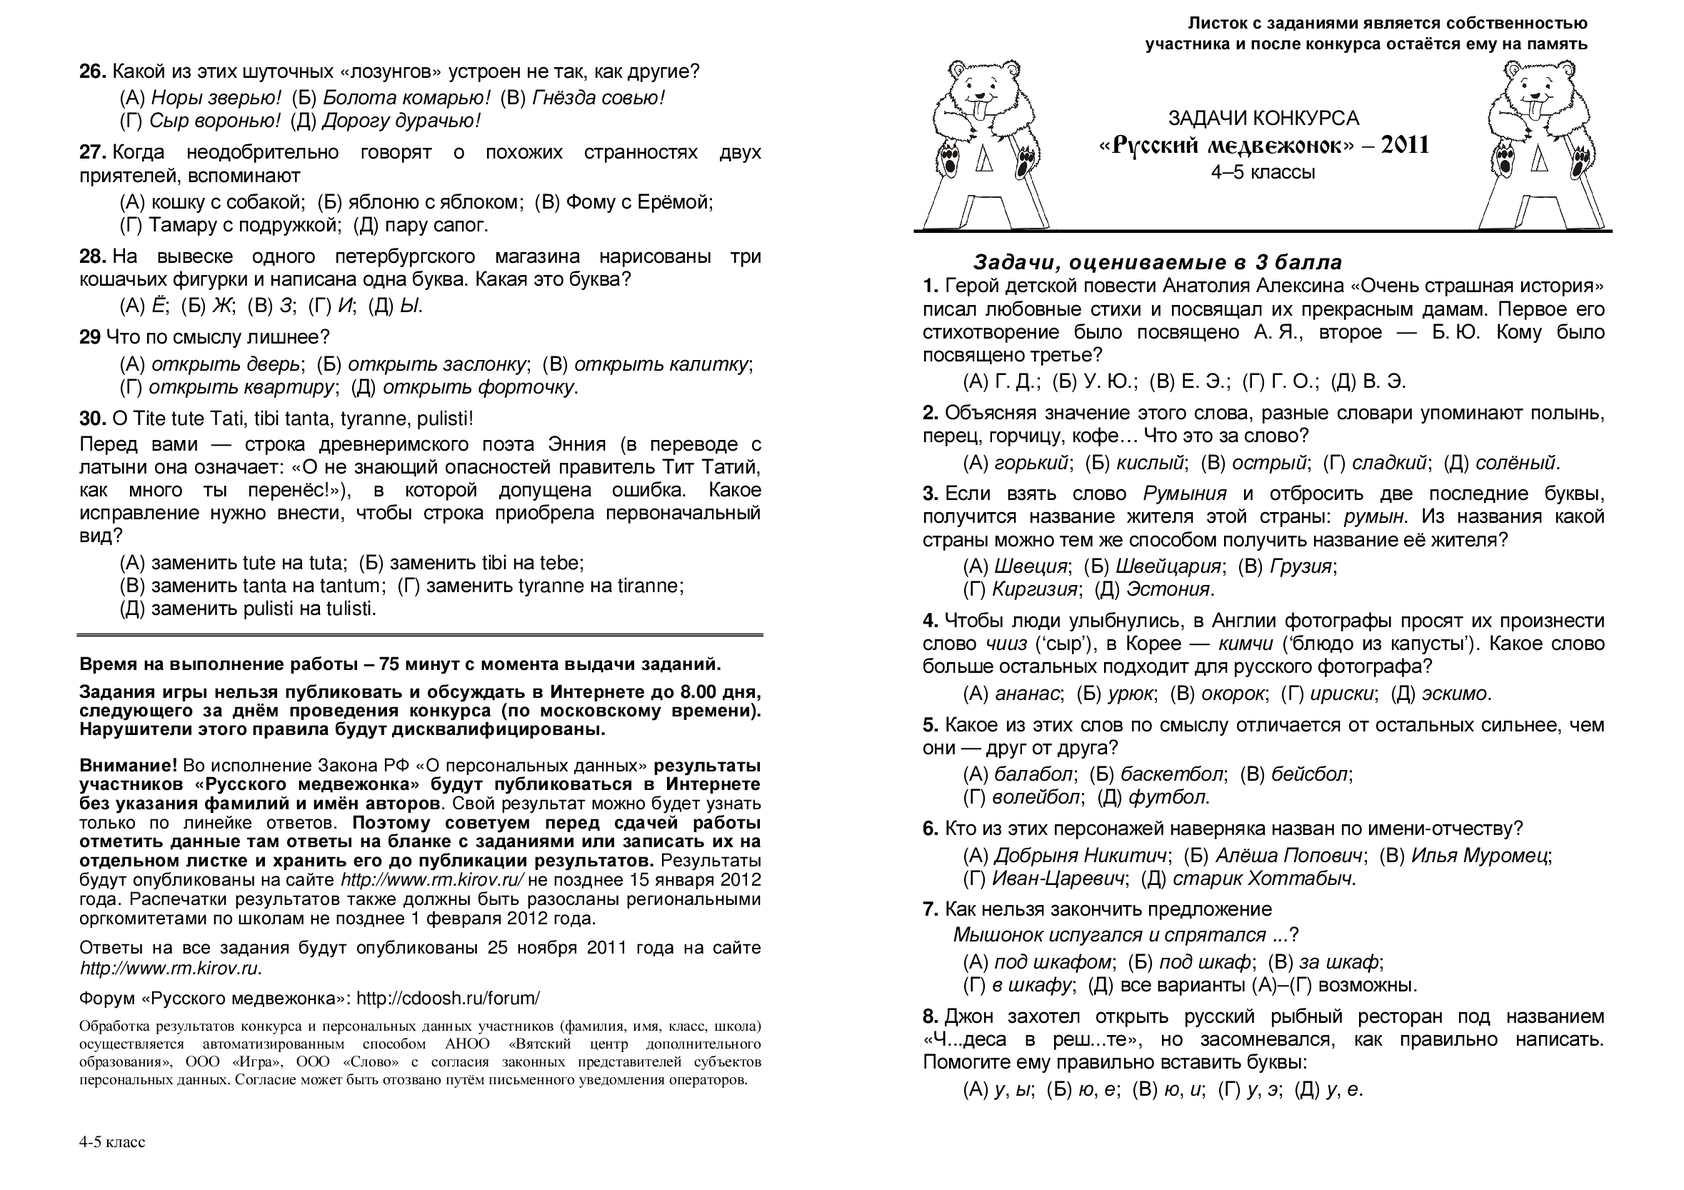 По гдз школа класс олимпиада русскому медвежонку 26 4